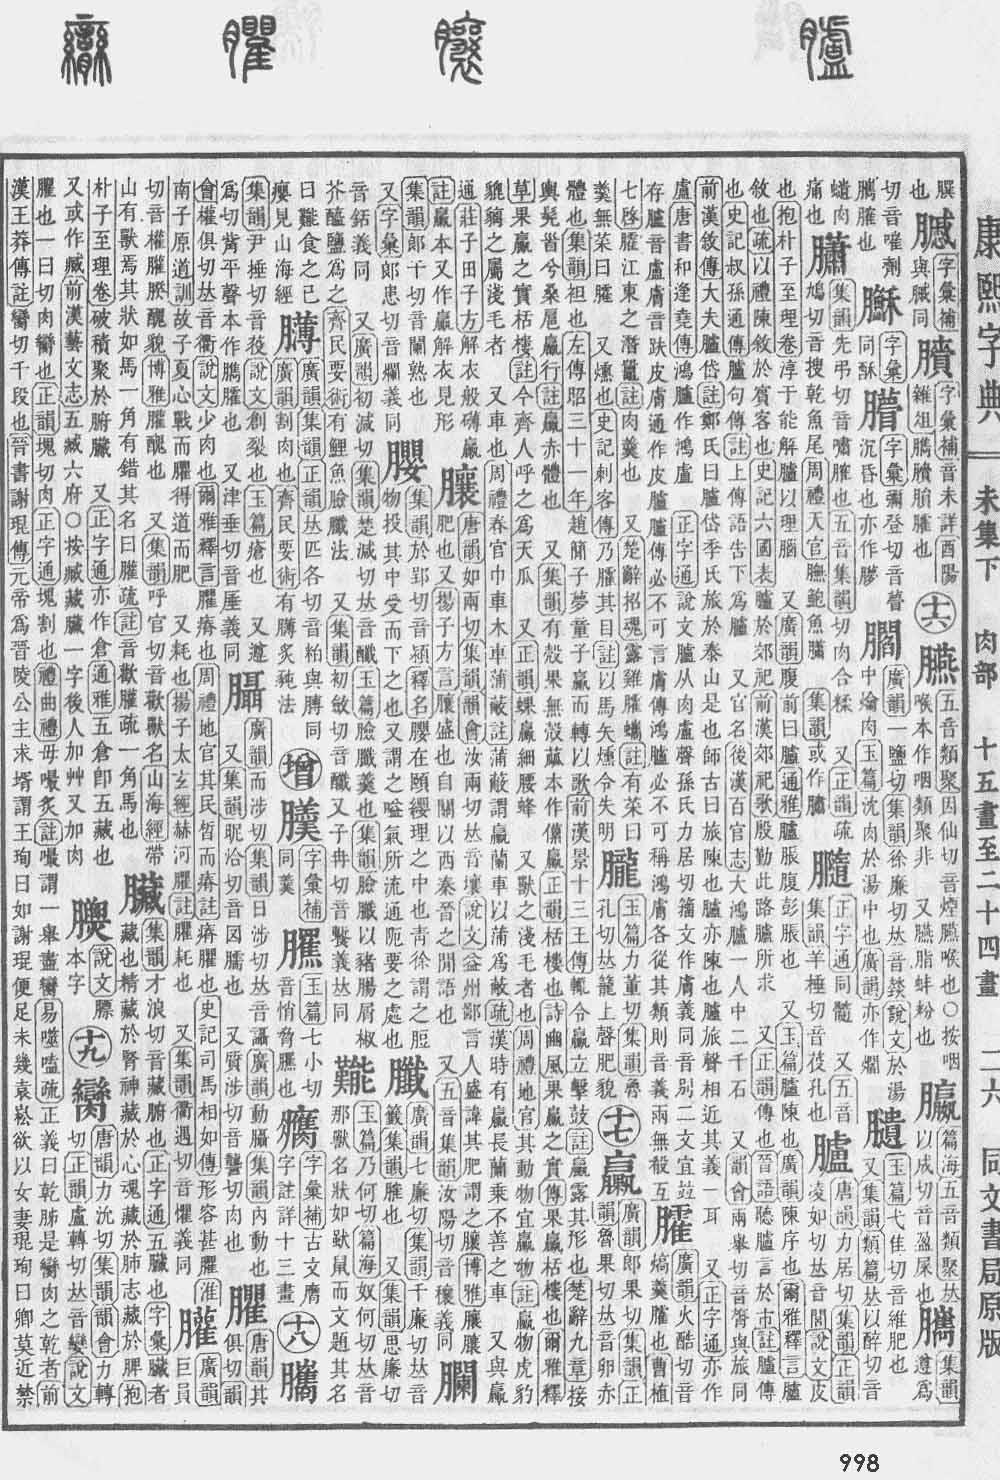 《康熙字典》第998页